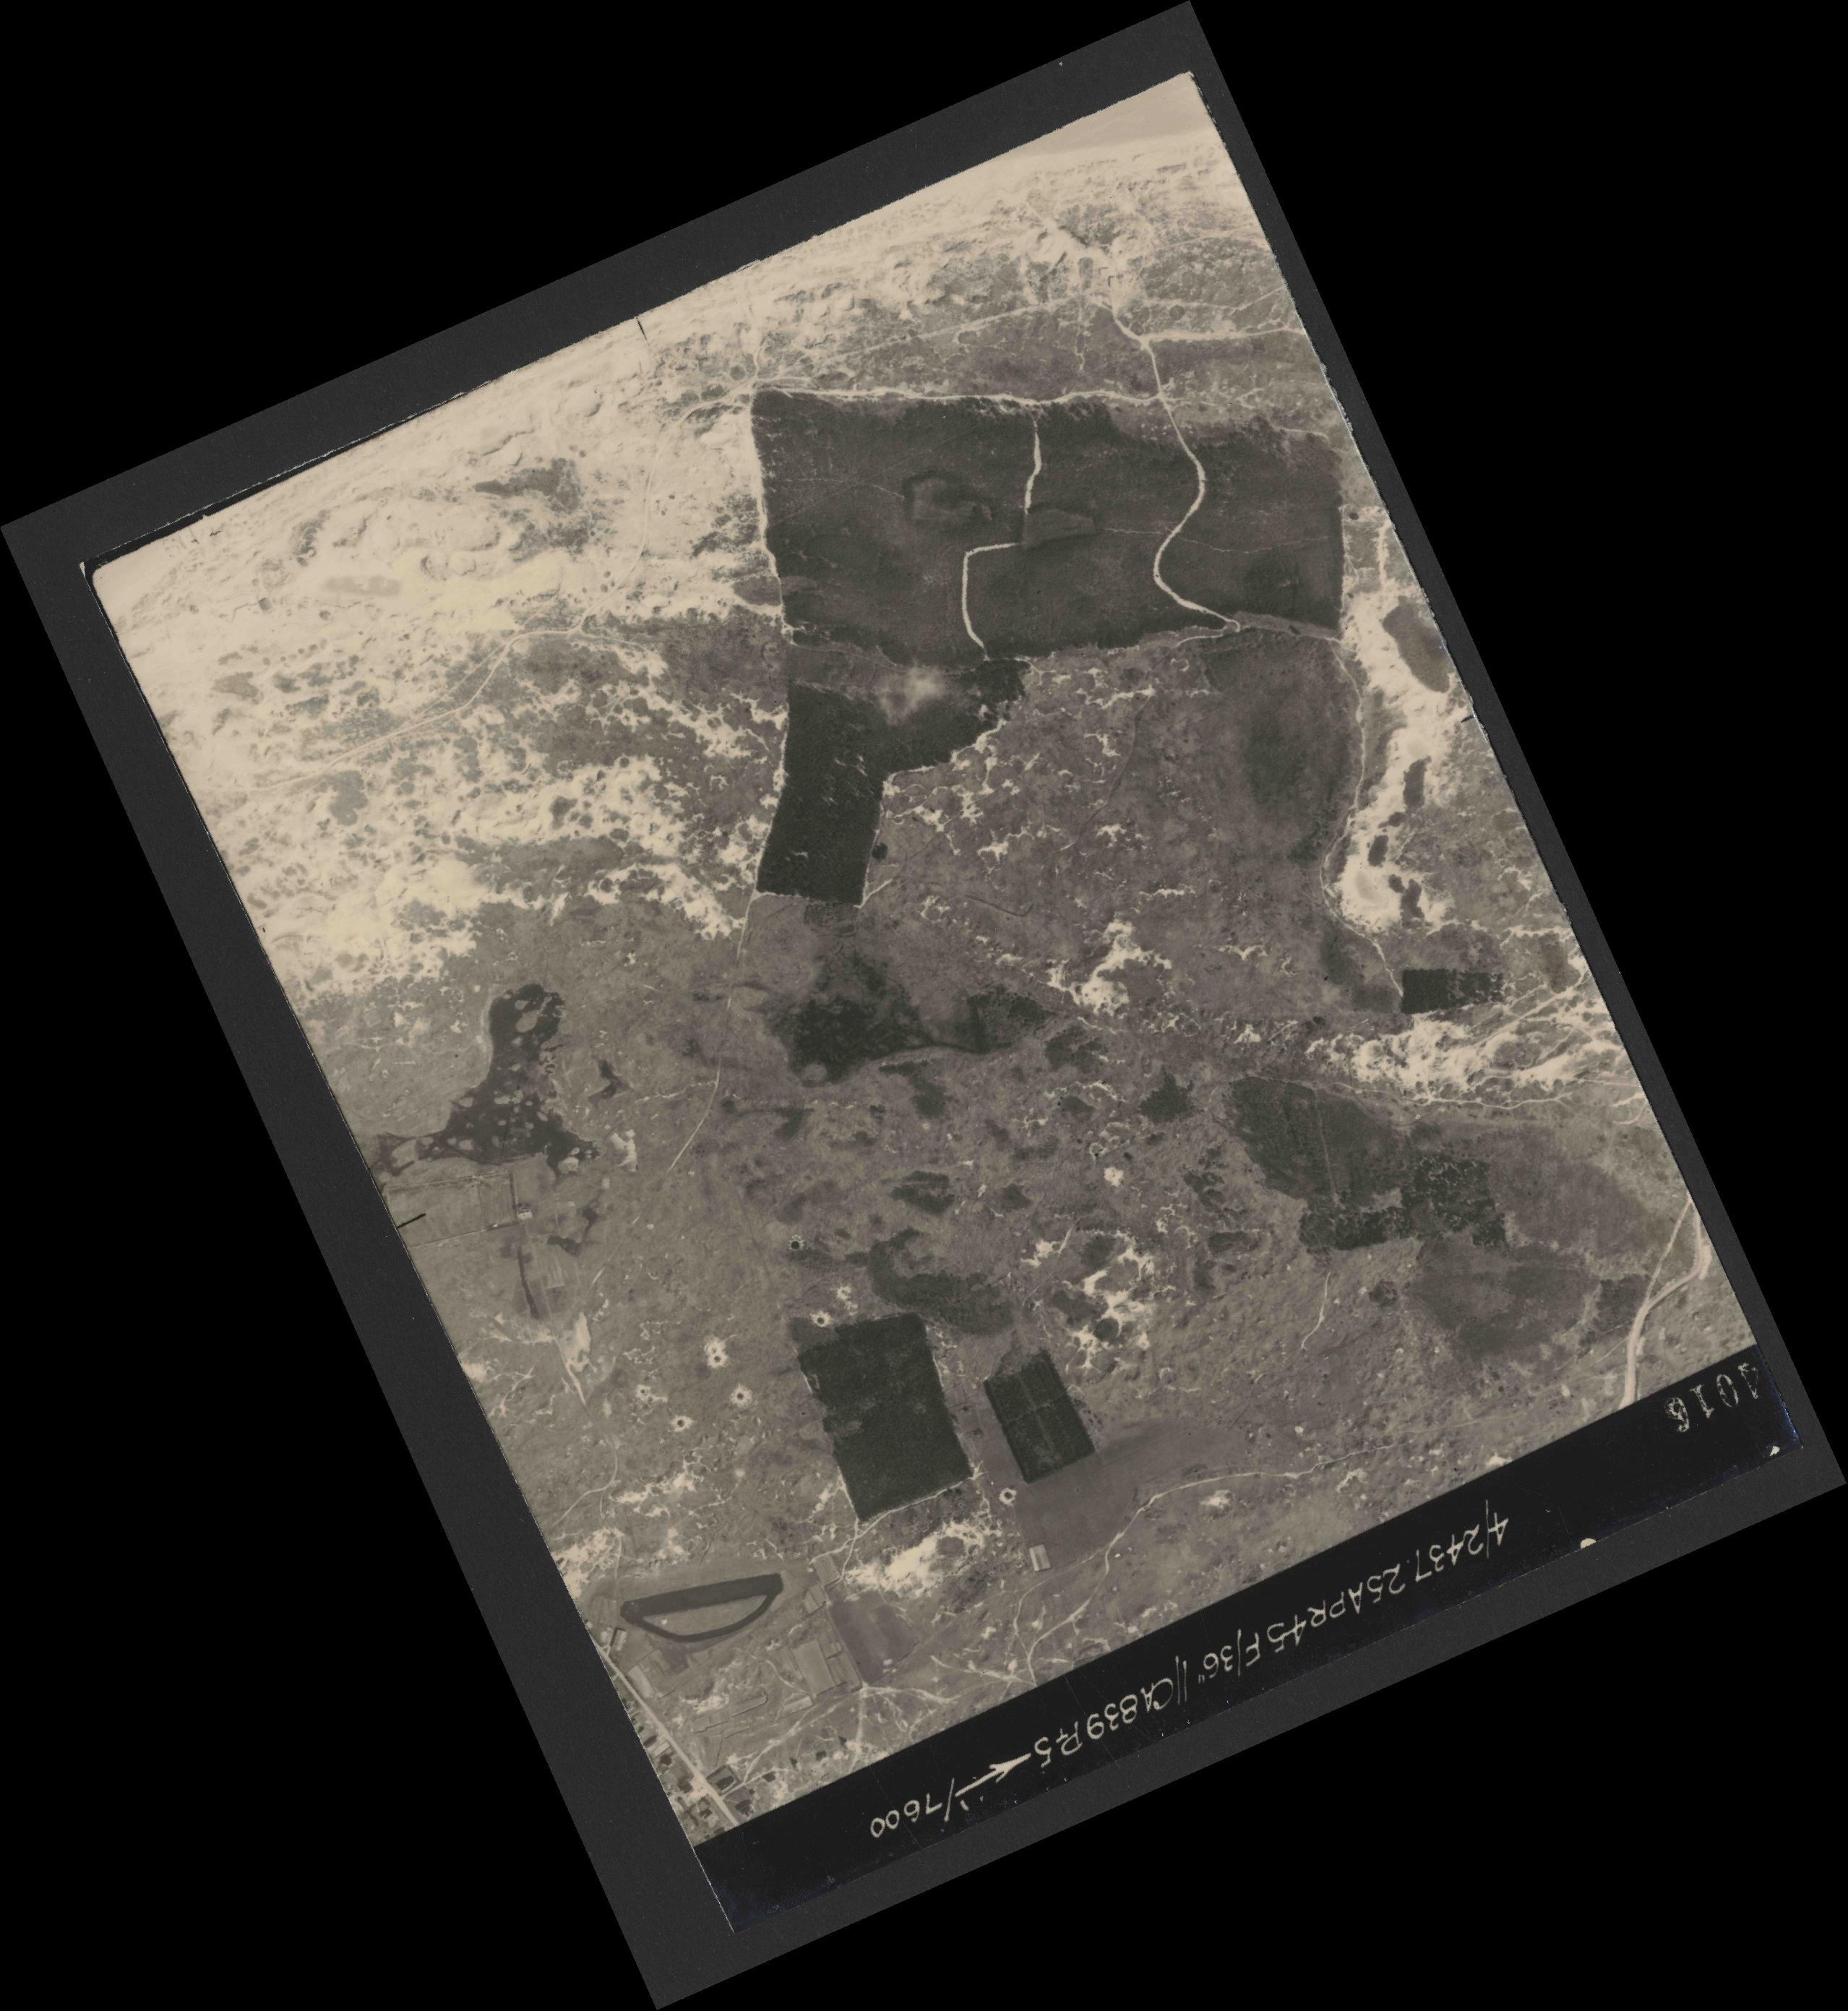 Collection RAF aerial photos 1940-1945 - flight 300, run 02, photo 4016